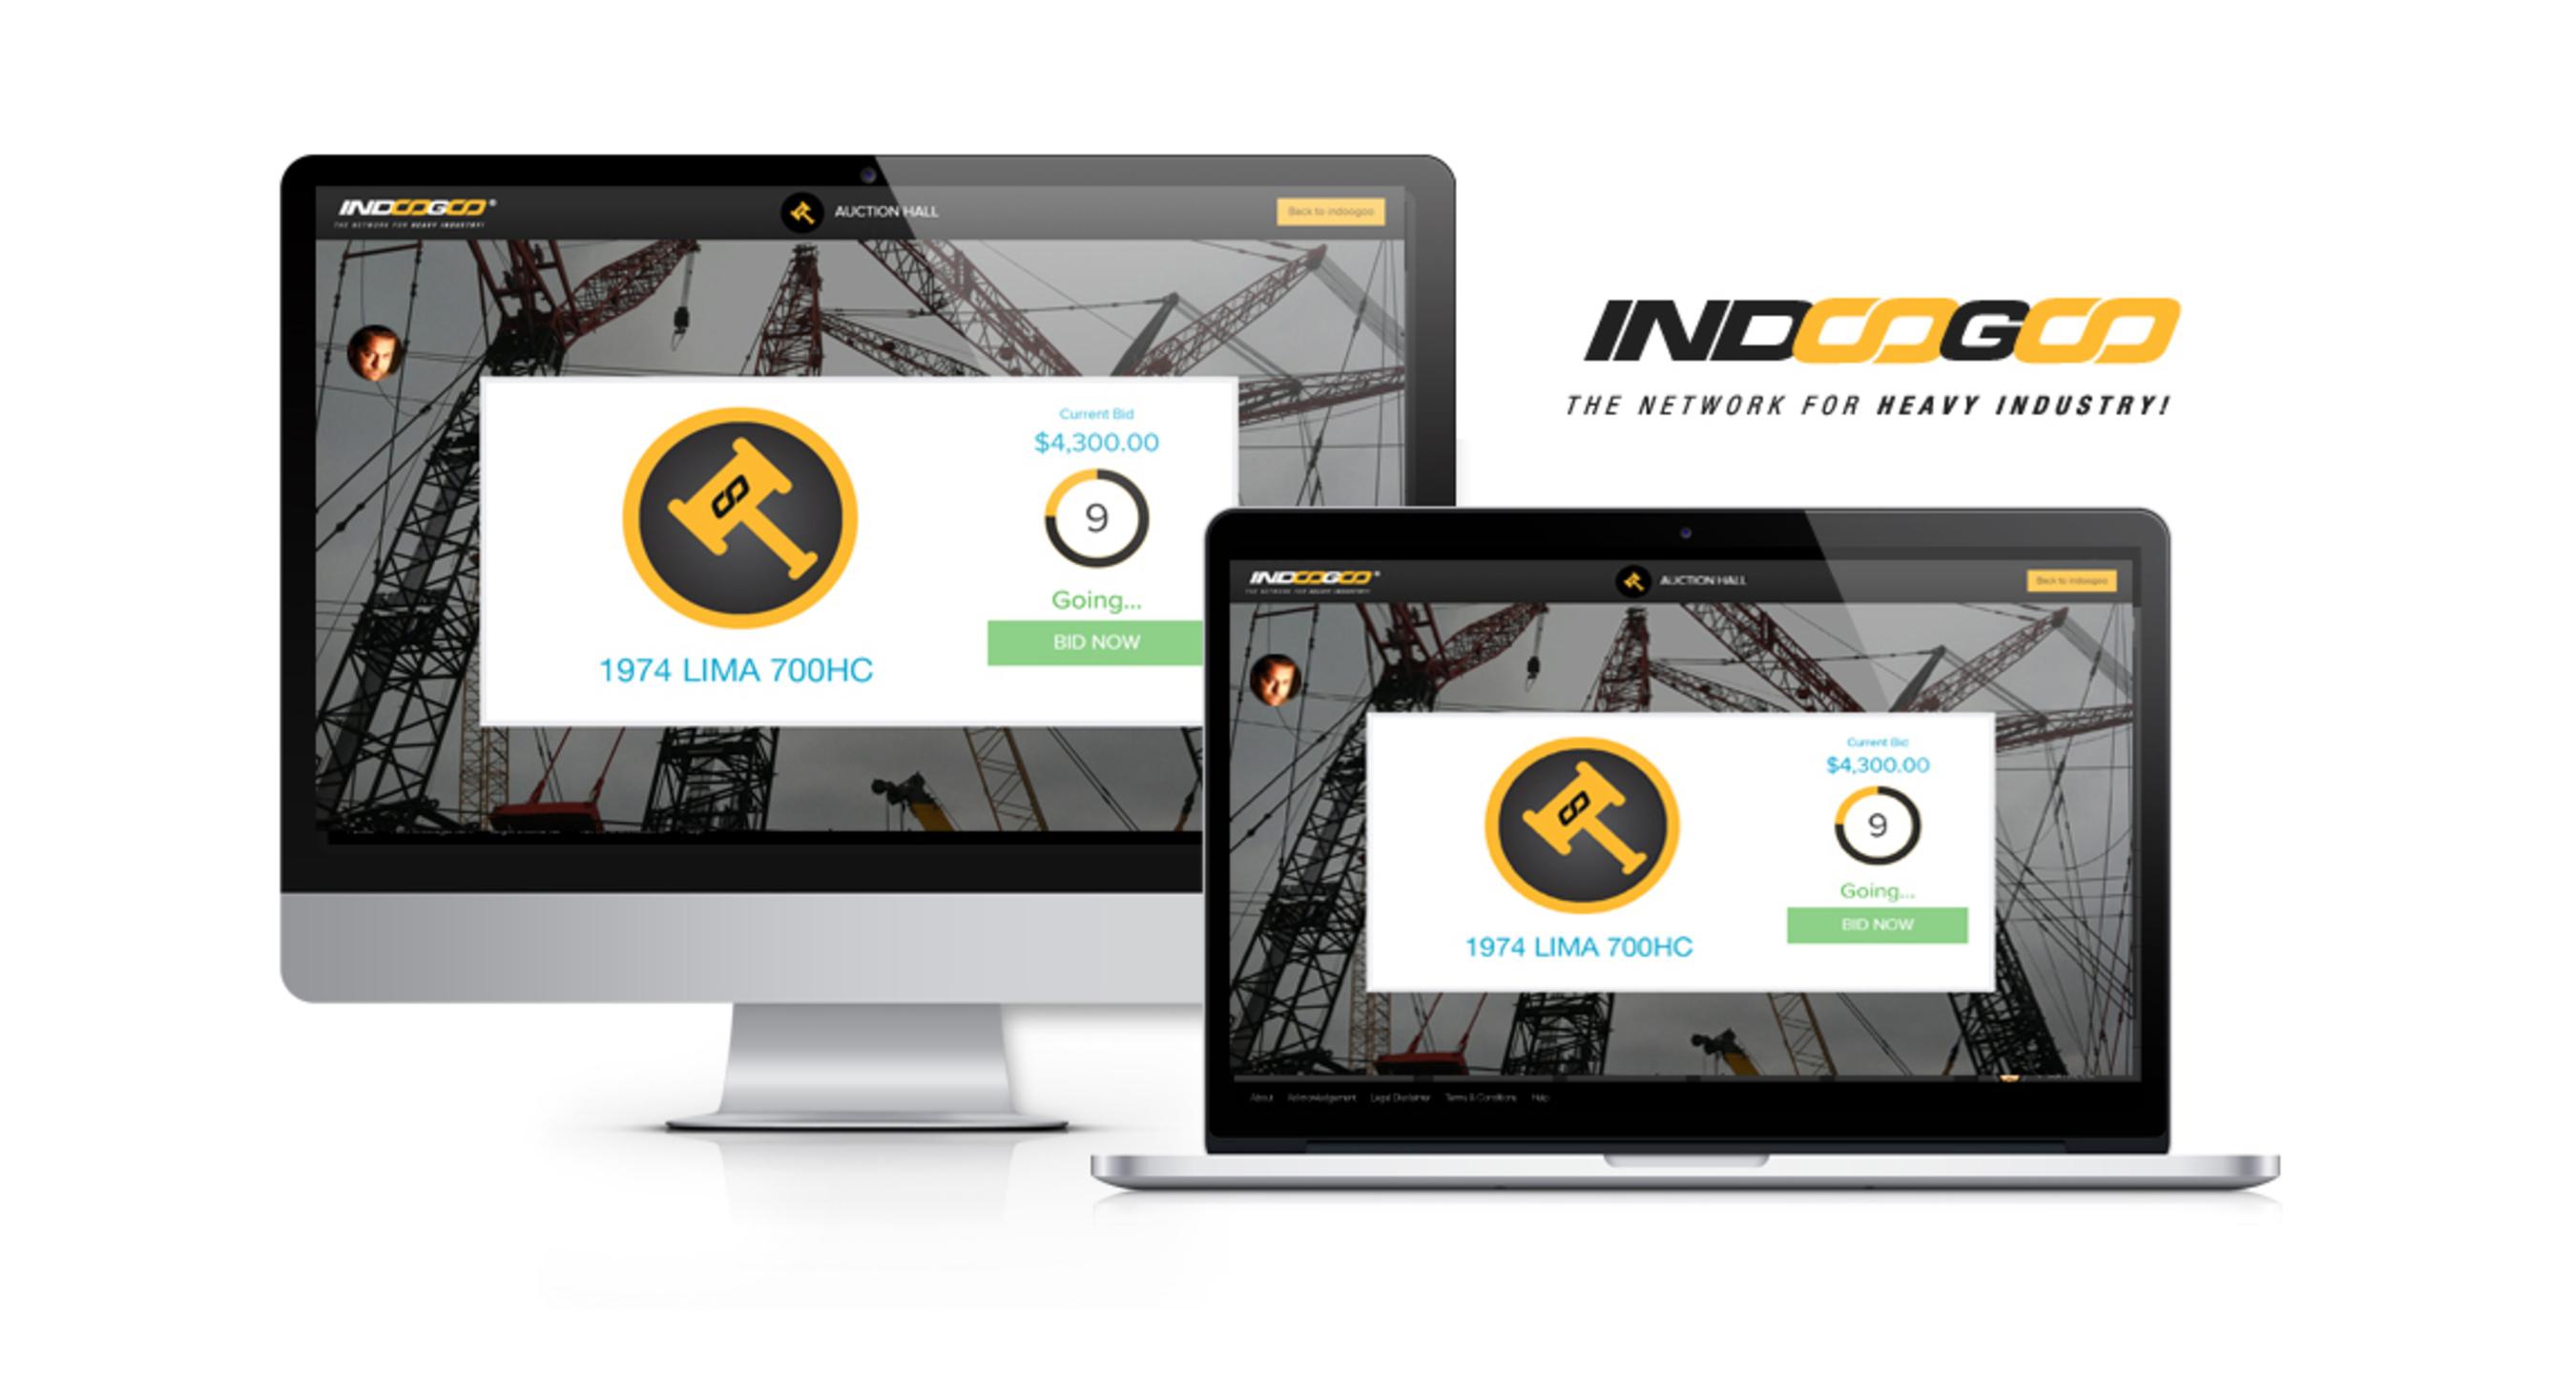 Indoogoo: the network for heavy industry (PRNewsFoto/Indoogoo)